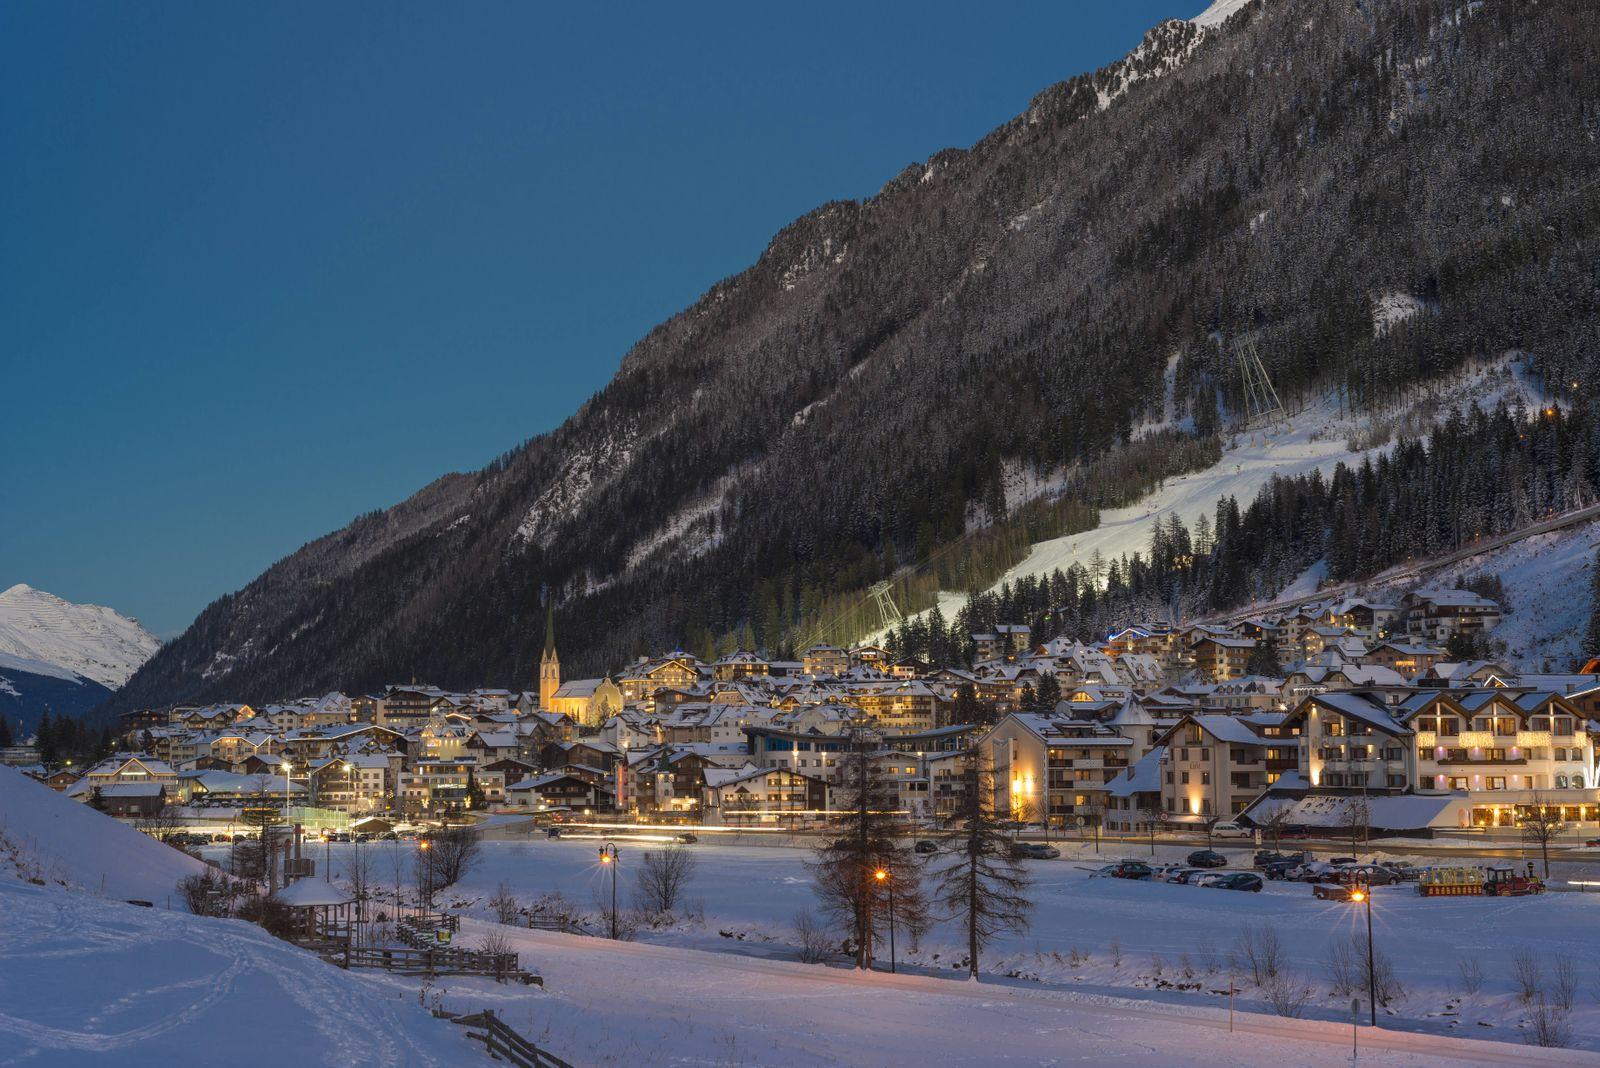 Ortsansicht Wintersportzentrum Nachtaufnahme Ischgl Paznaun Tirol Österreich Europa ibxhwo040